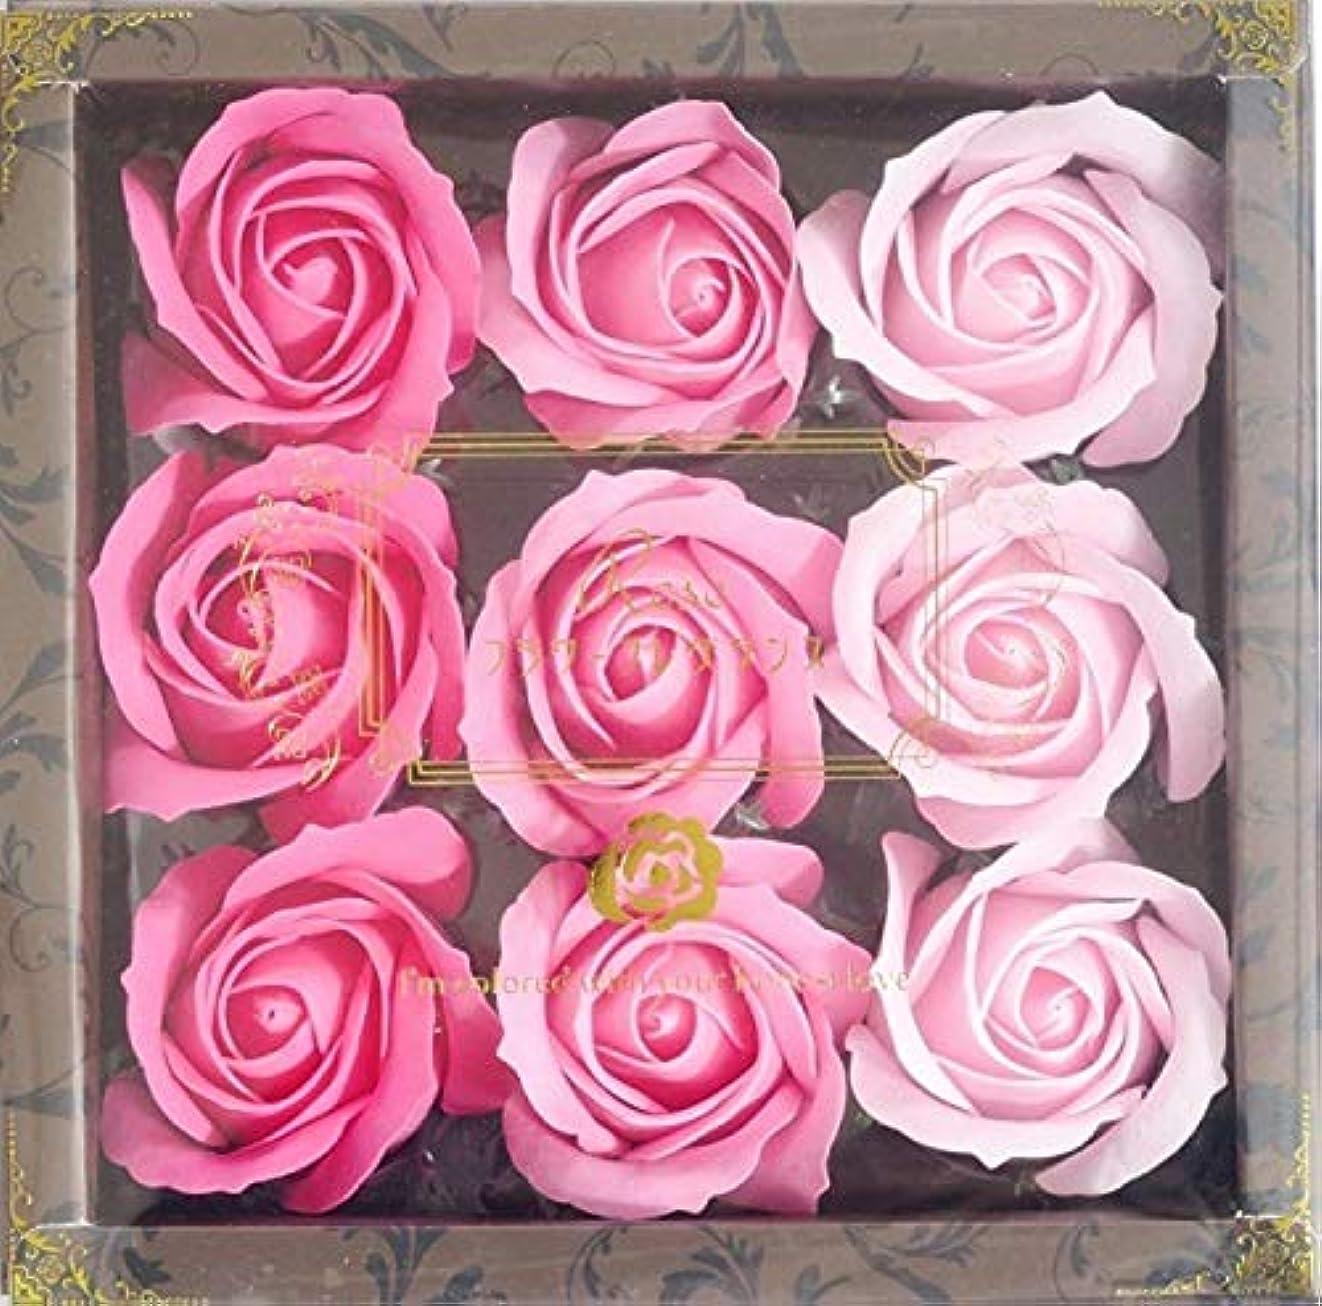 バスフレグランス バスフラワー ローズフレグランス ピンクカラー お花の形の入浴剤 プレゼント ばら ギフト